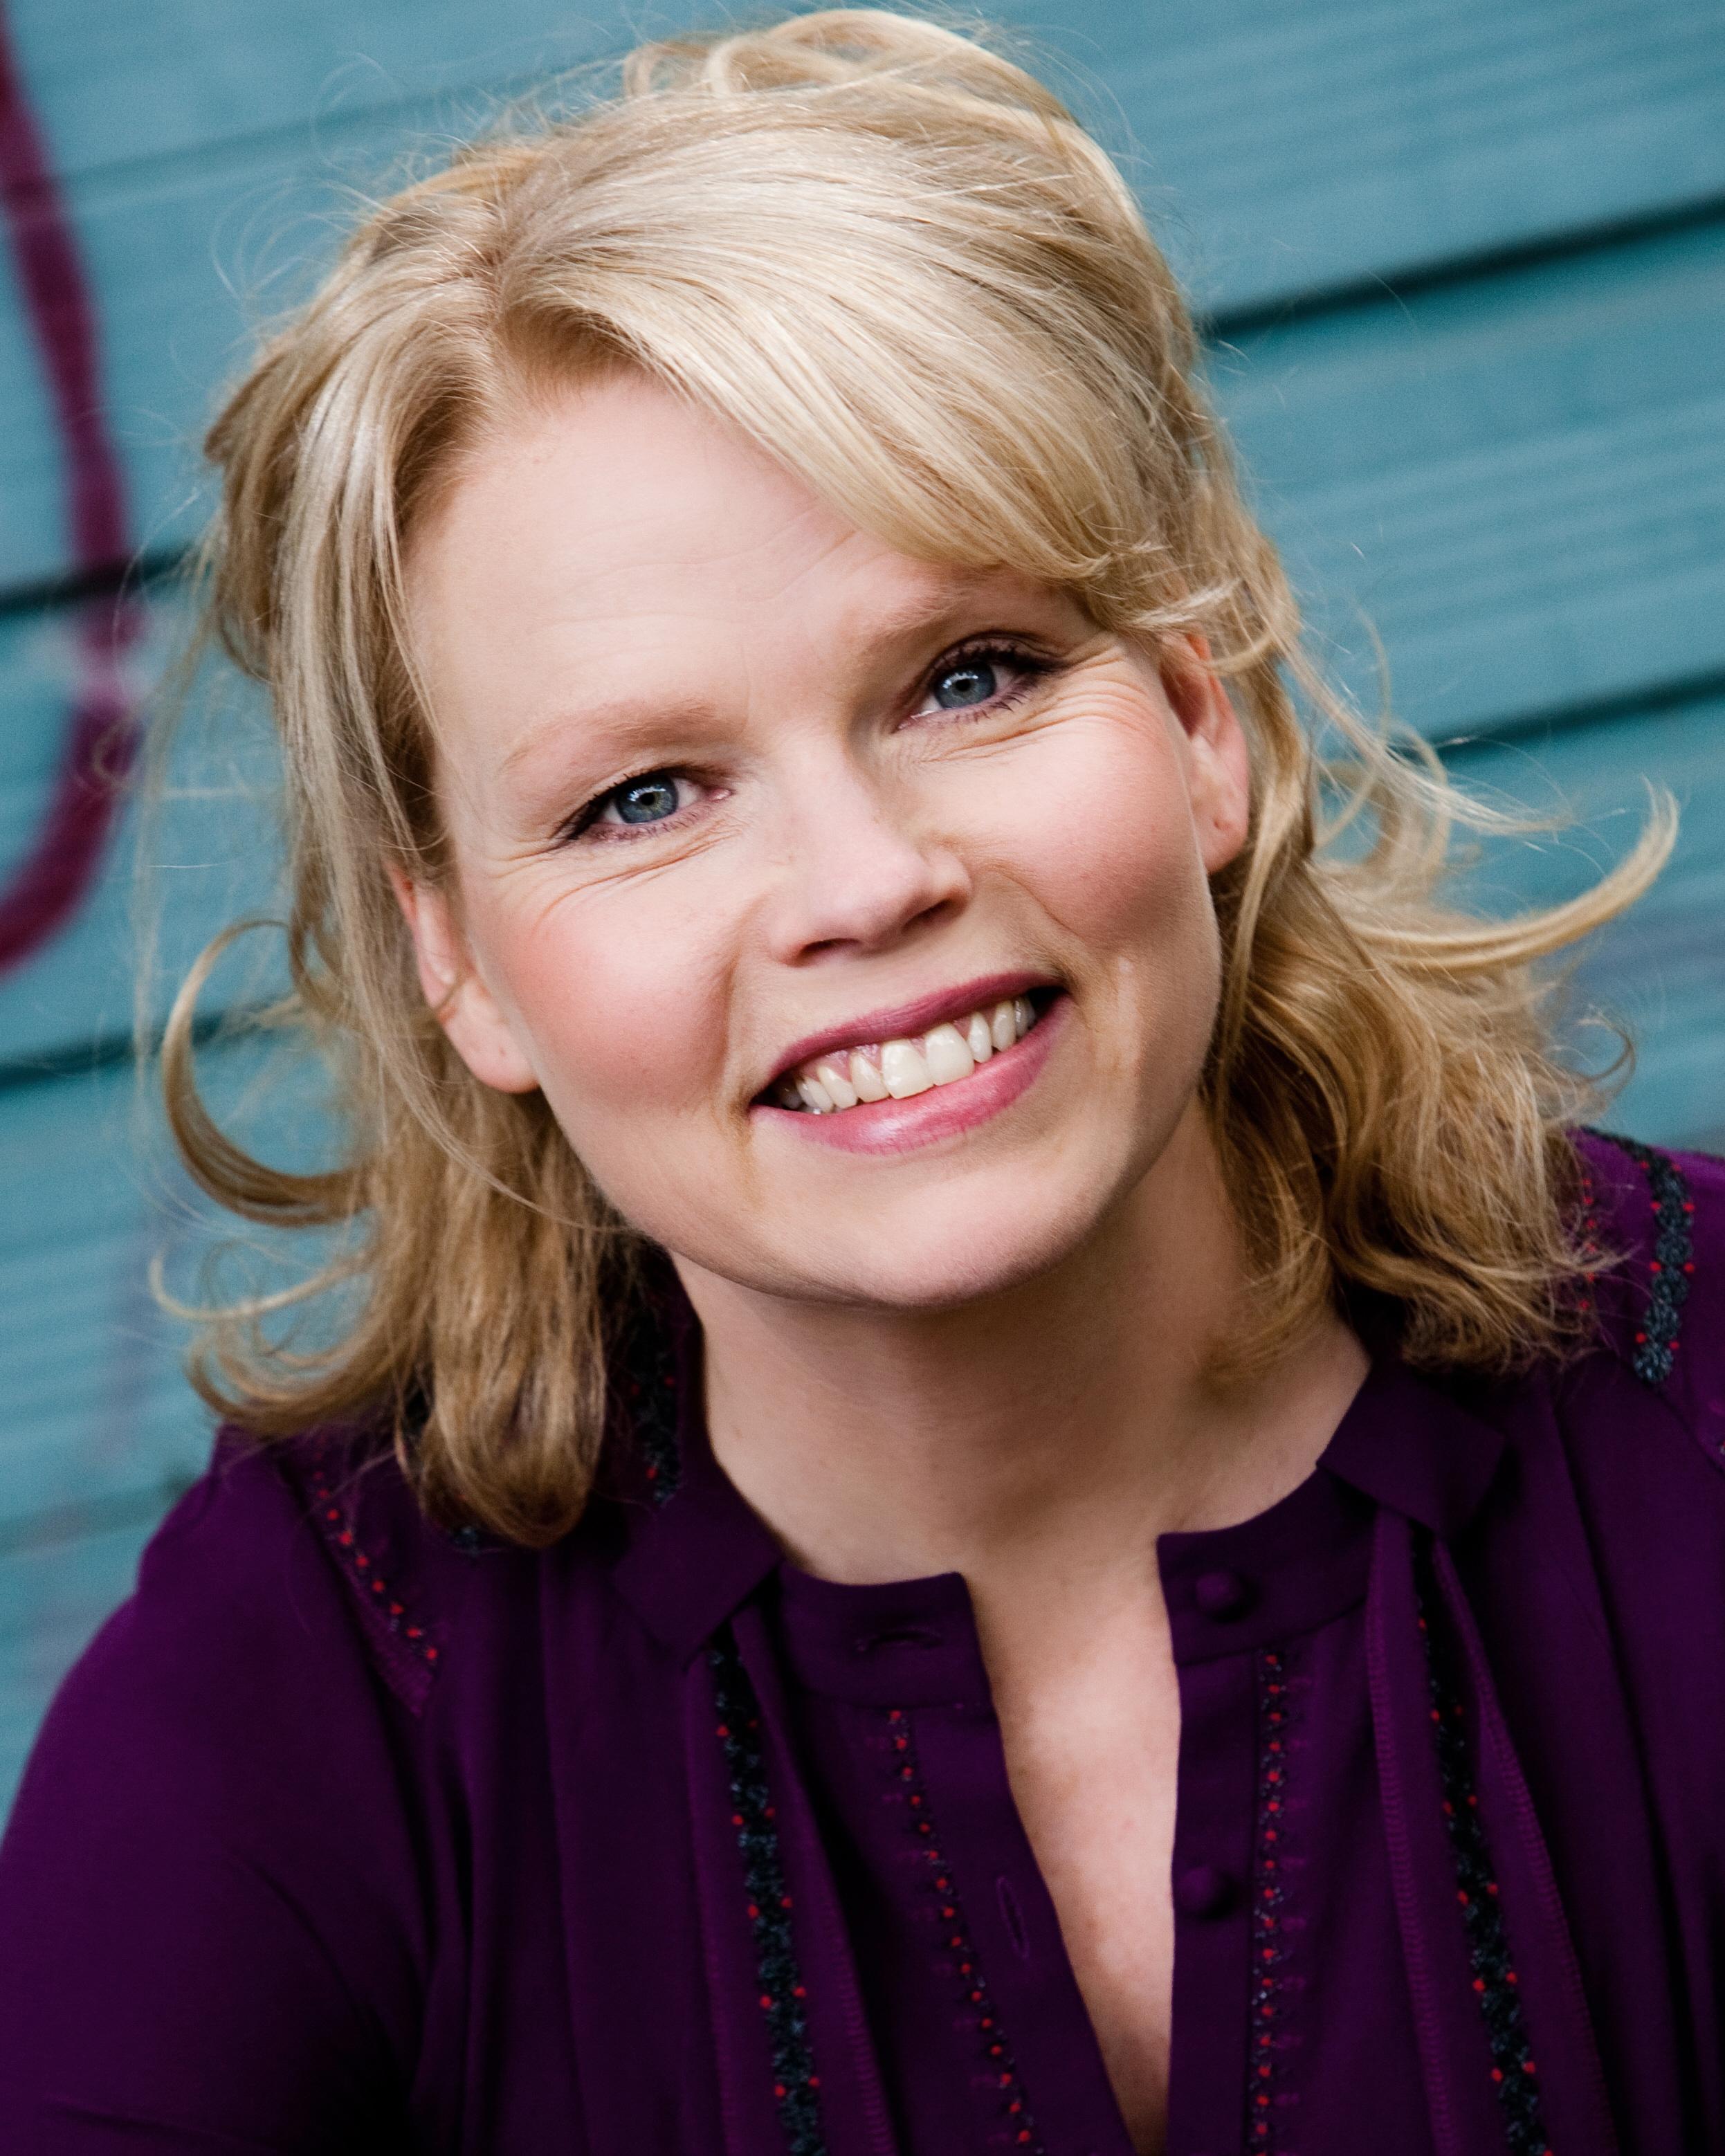 Author photograph: Nikki Holland